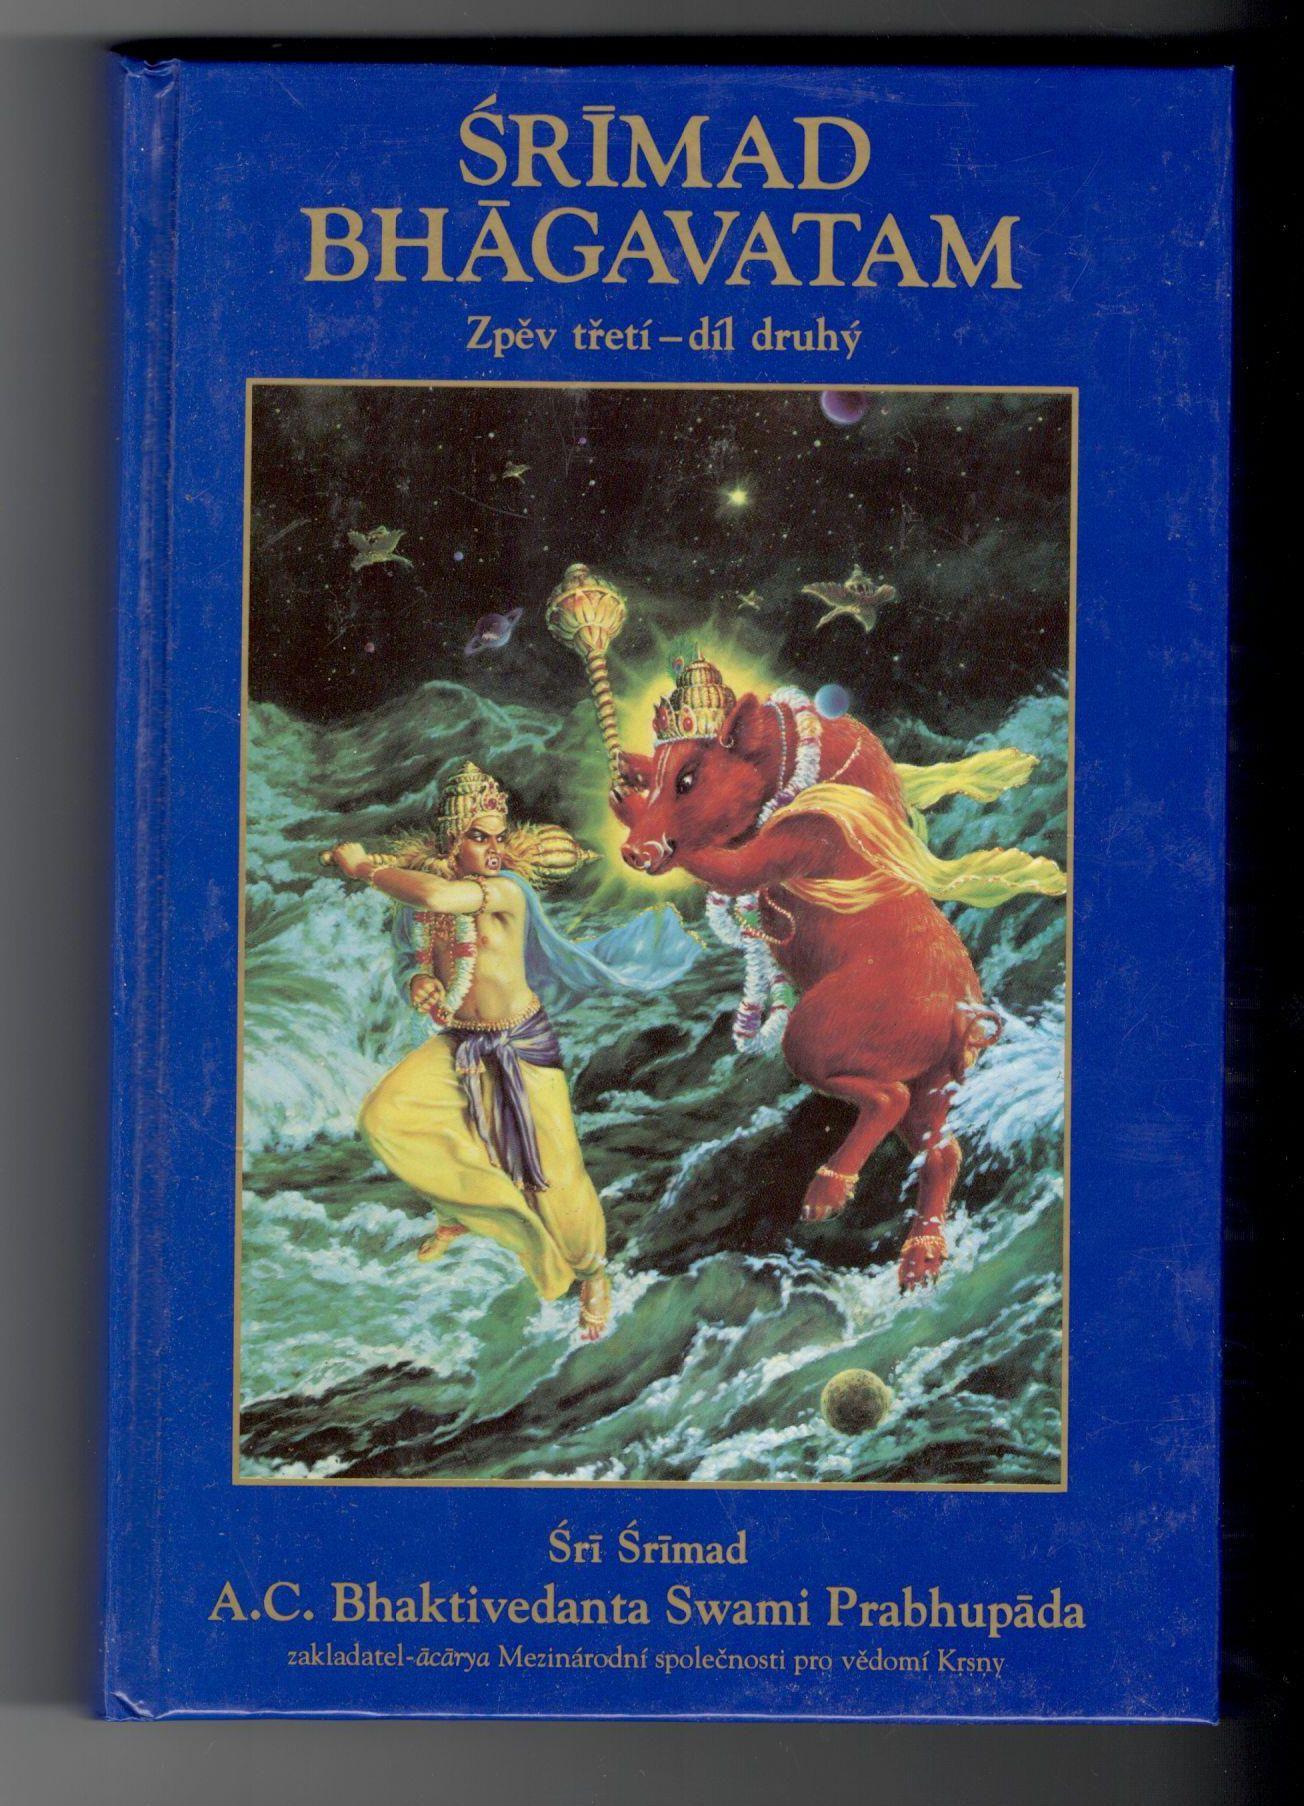 Šrímad Bhágavatam - Šrí Šrímad A. C. Bhaktivedanta Swami Prabhupáda - Zpěv třetí